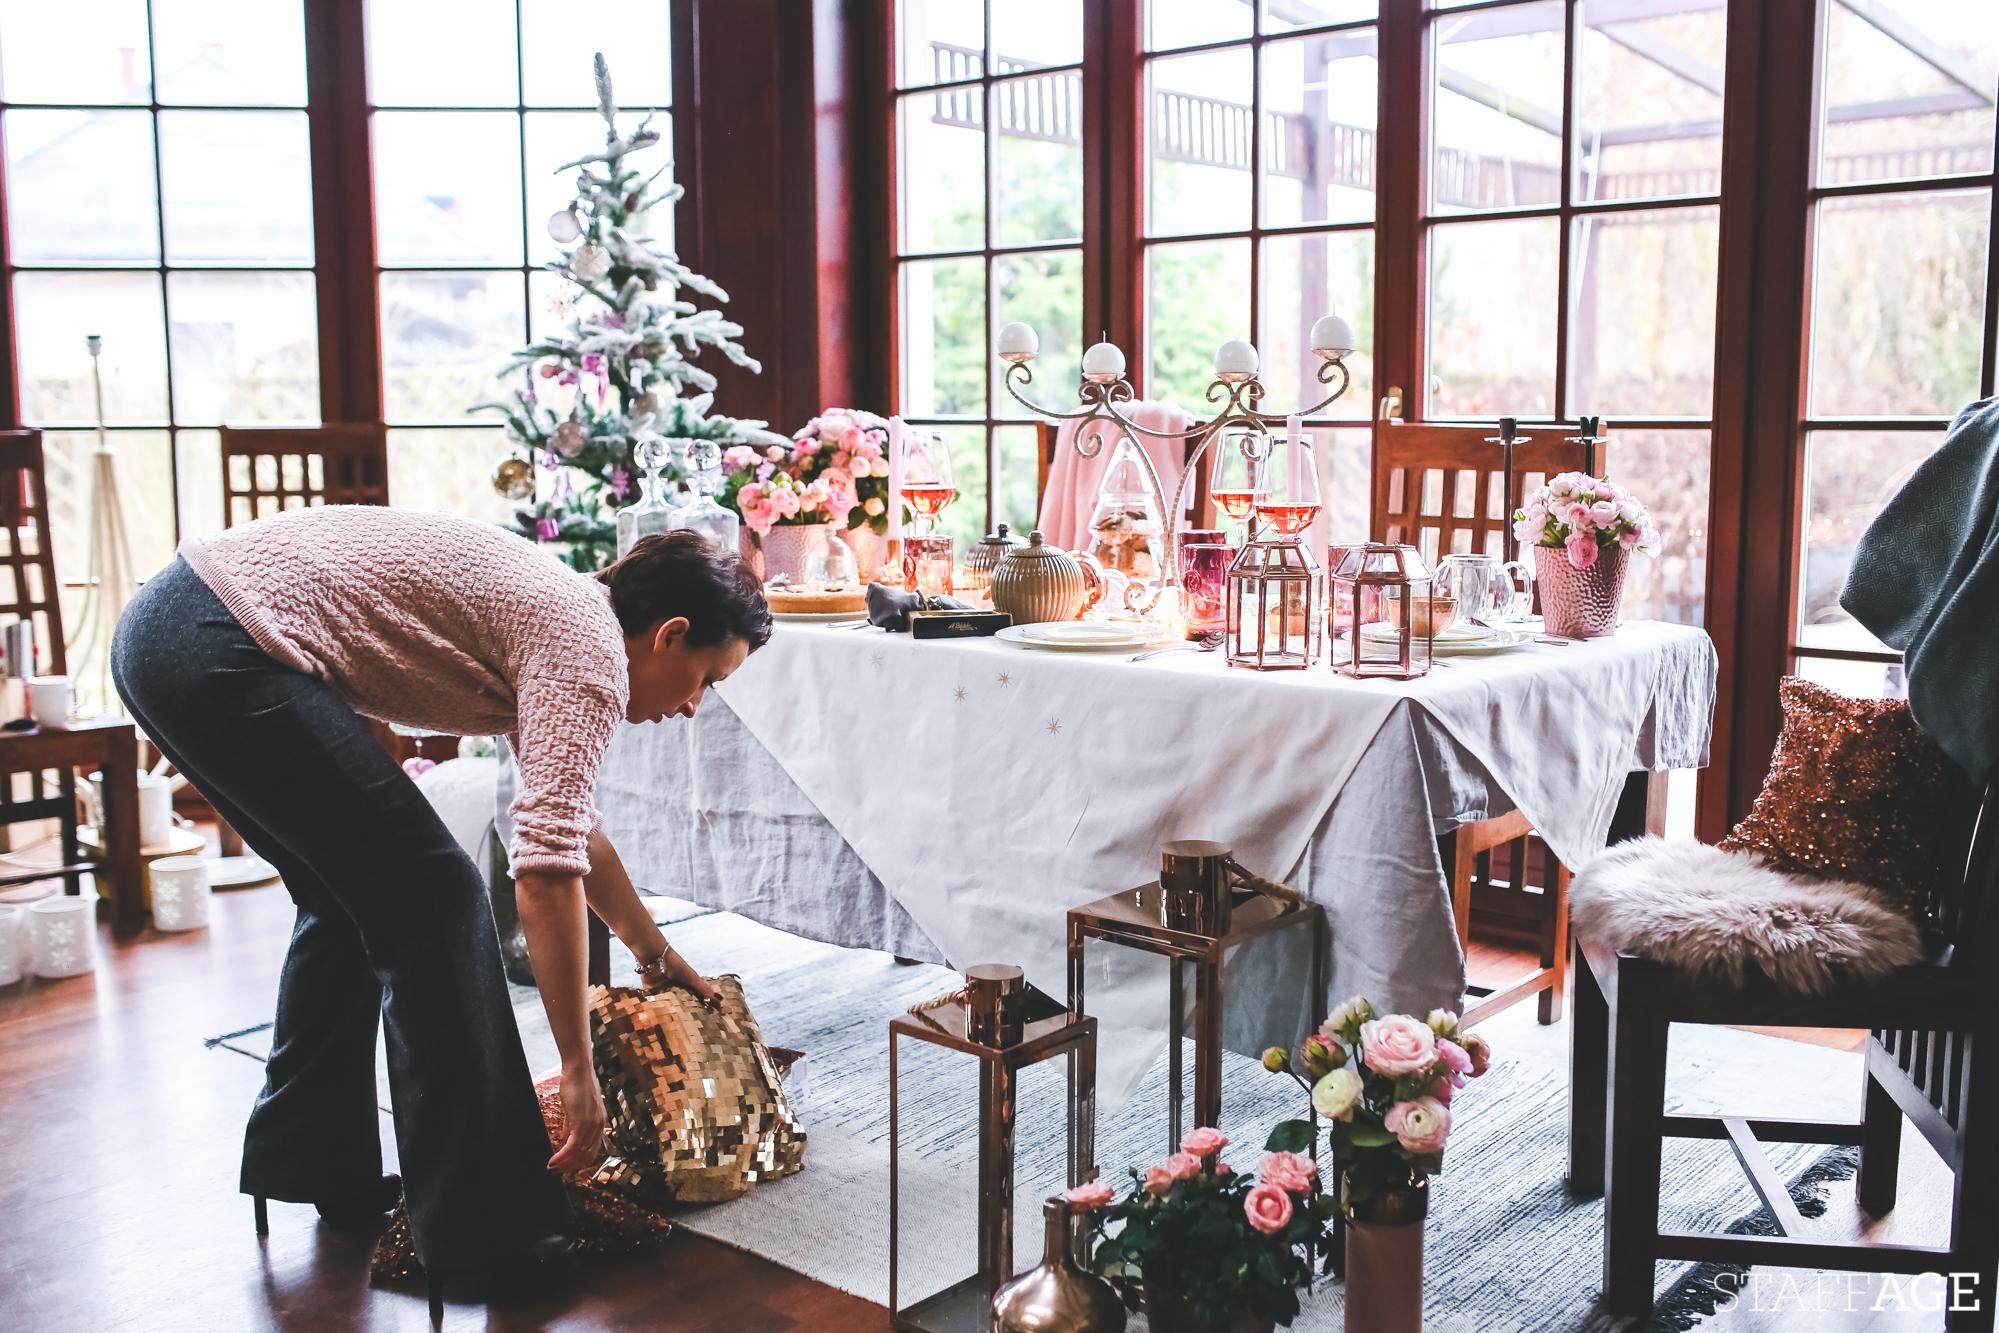 5 Staffagepl wigilijny stol pomysly na jadalnie swiateczne aranzacje chrstmas table settings ideas interior design winter flowers tableware